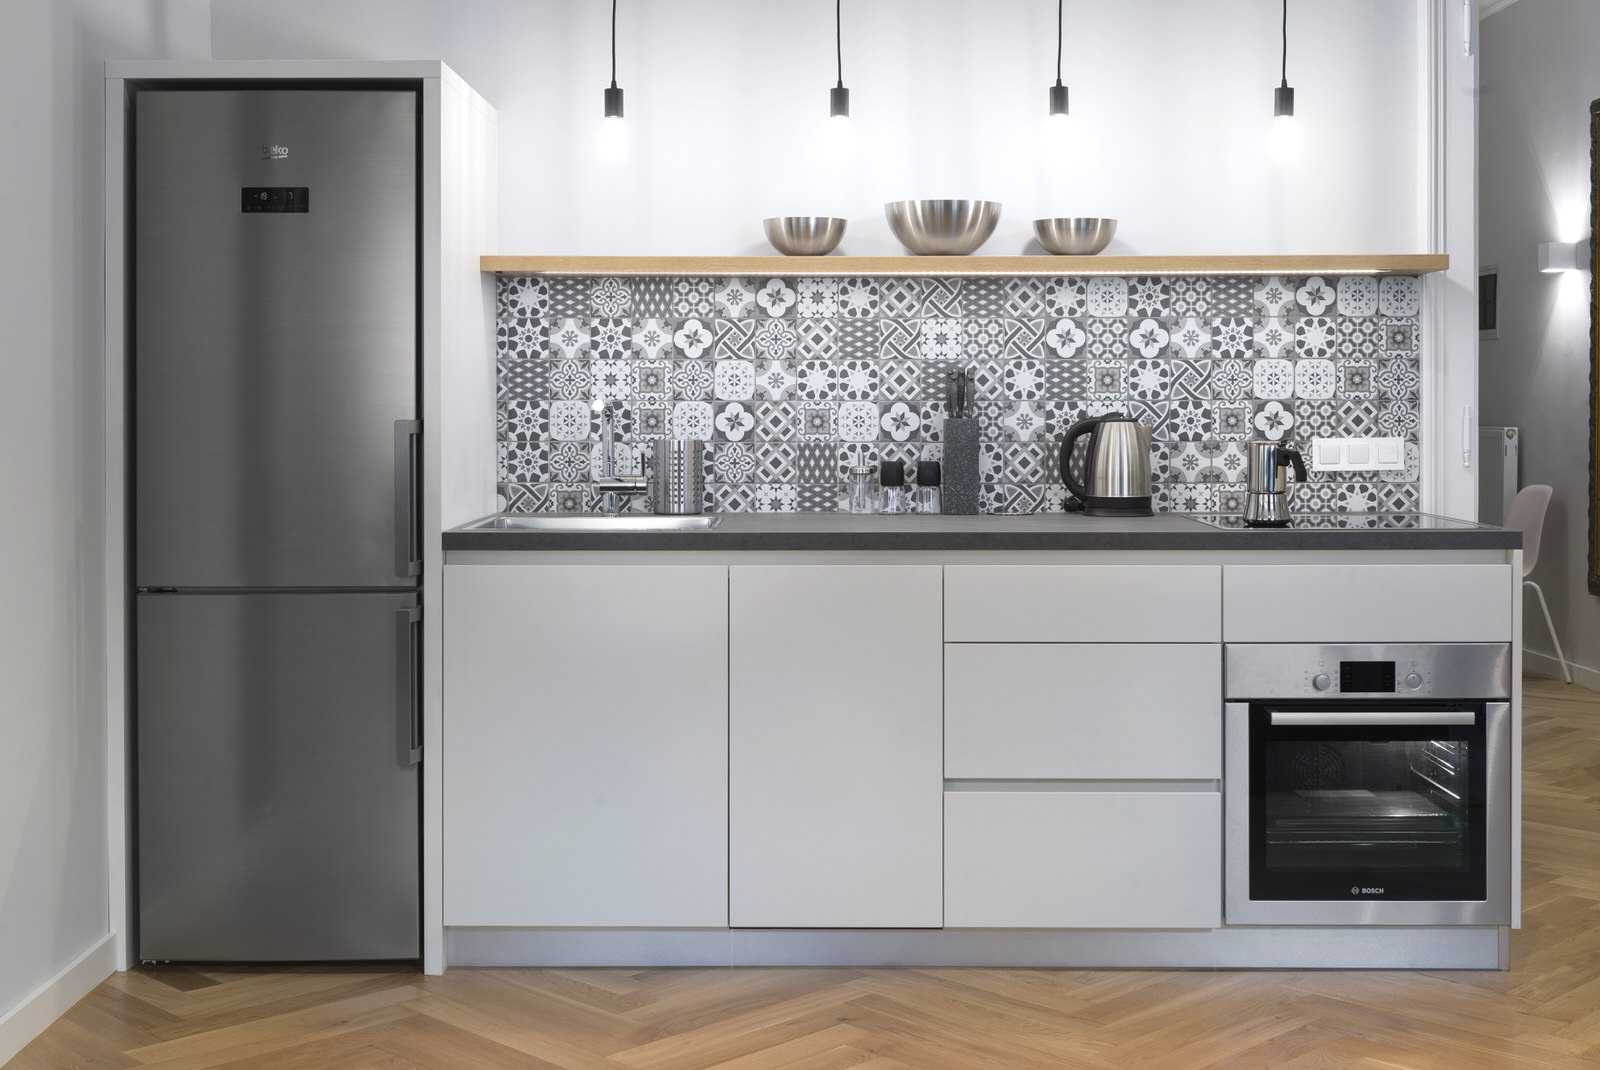 New appliances in Ljubljana rental apartment kitchen